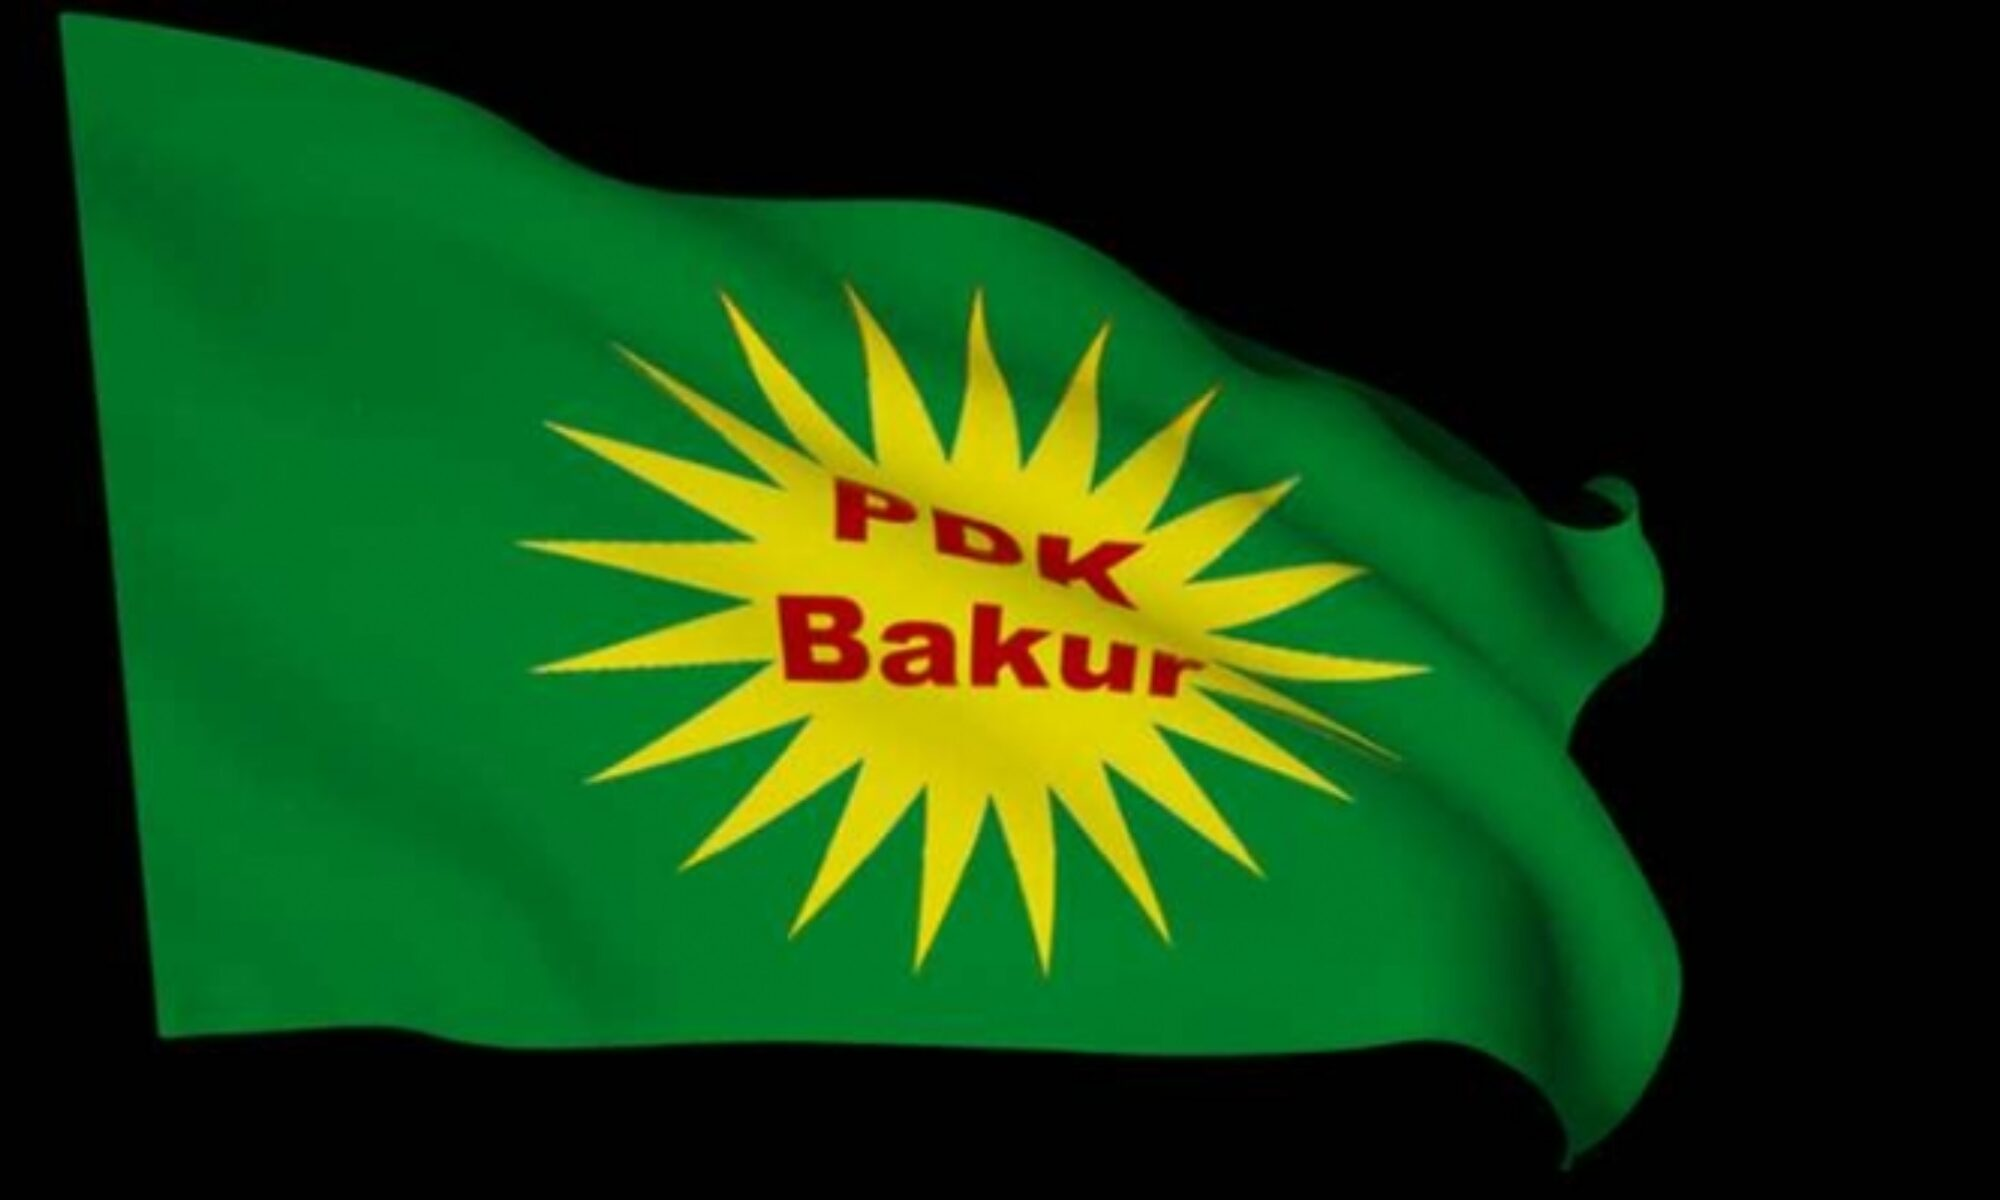 PDK -Bakur: Meral Danış Beştaş halkımızdan ve Başkan Barzaniden özür dilemeli